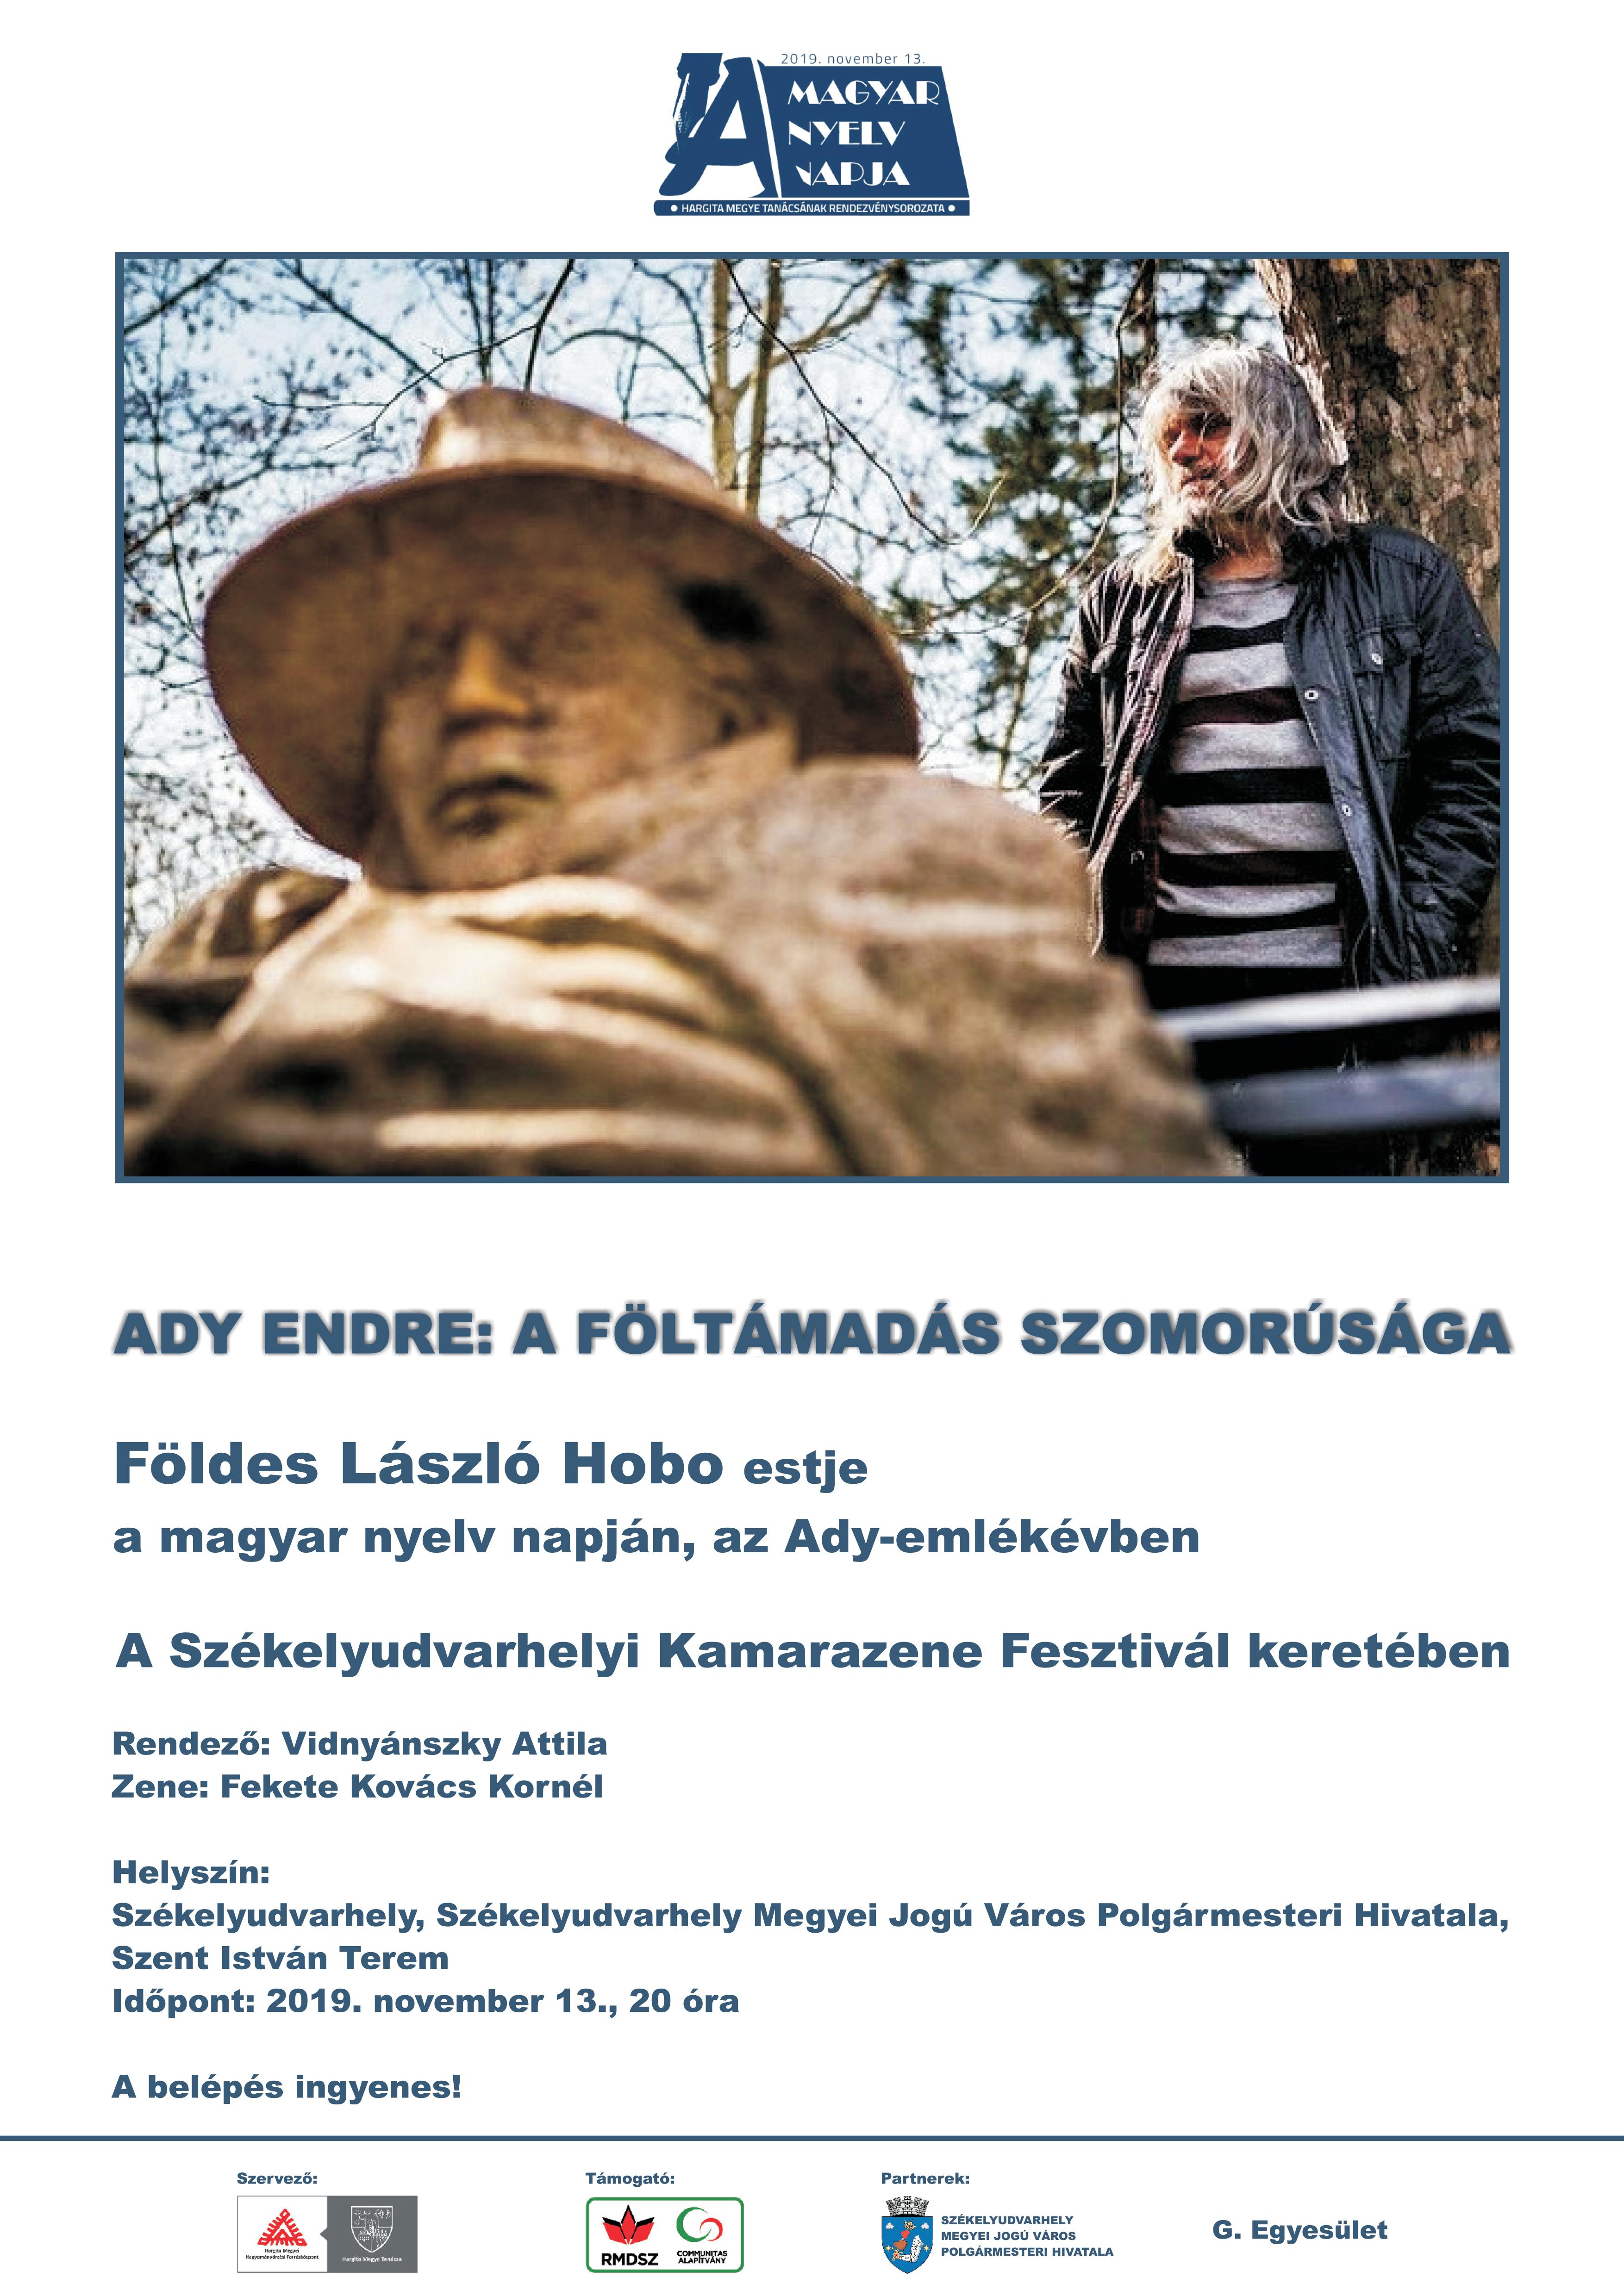 Tristețea învierii. Serată muzicalo-literală cu ocazia Zilei limbii maghiare la Odorheiu Secuiesc